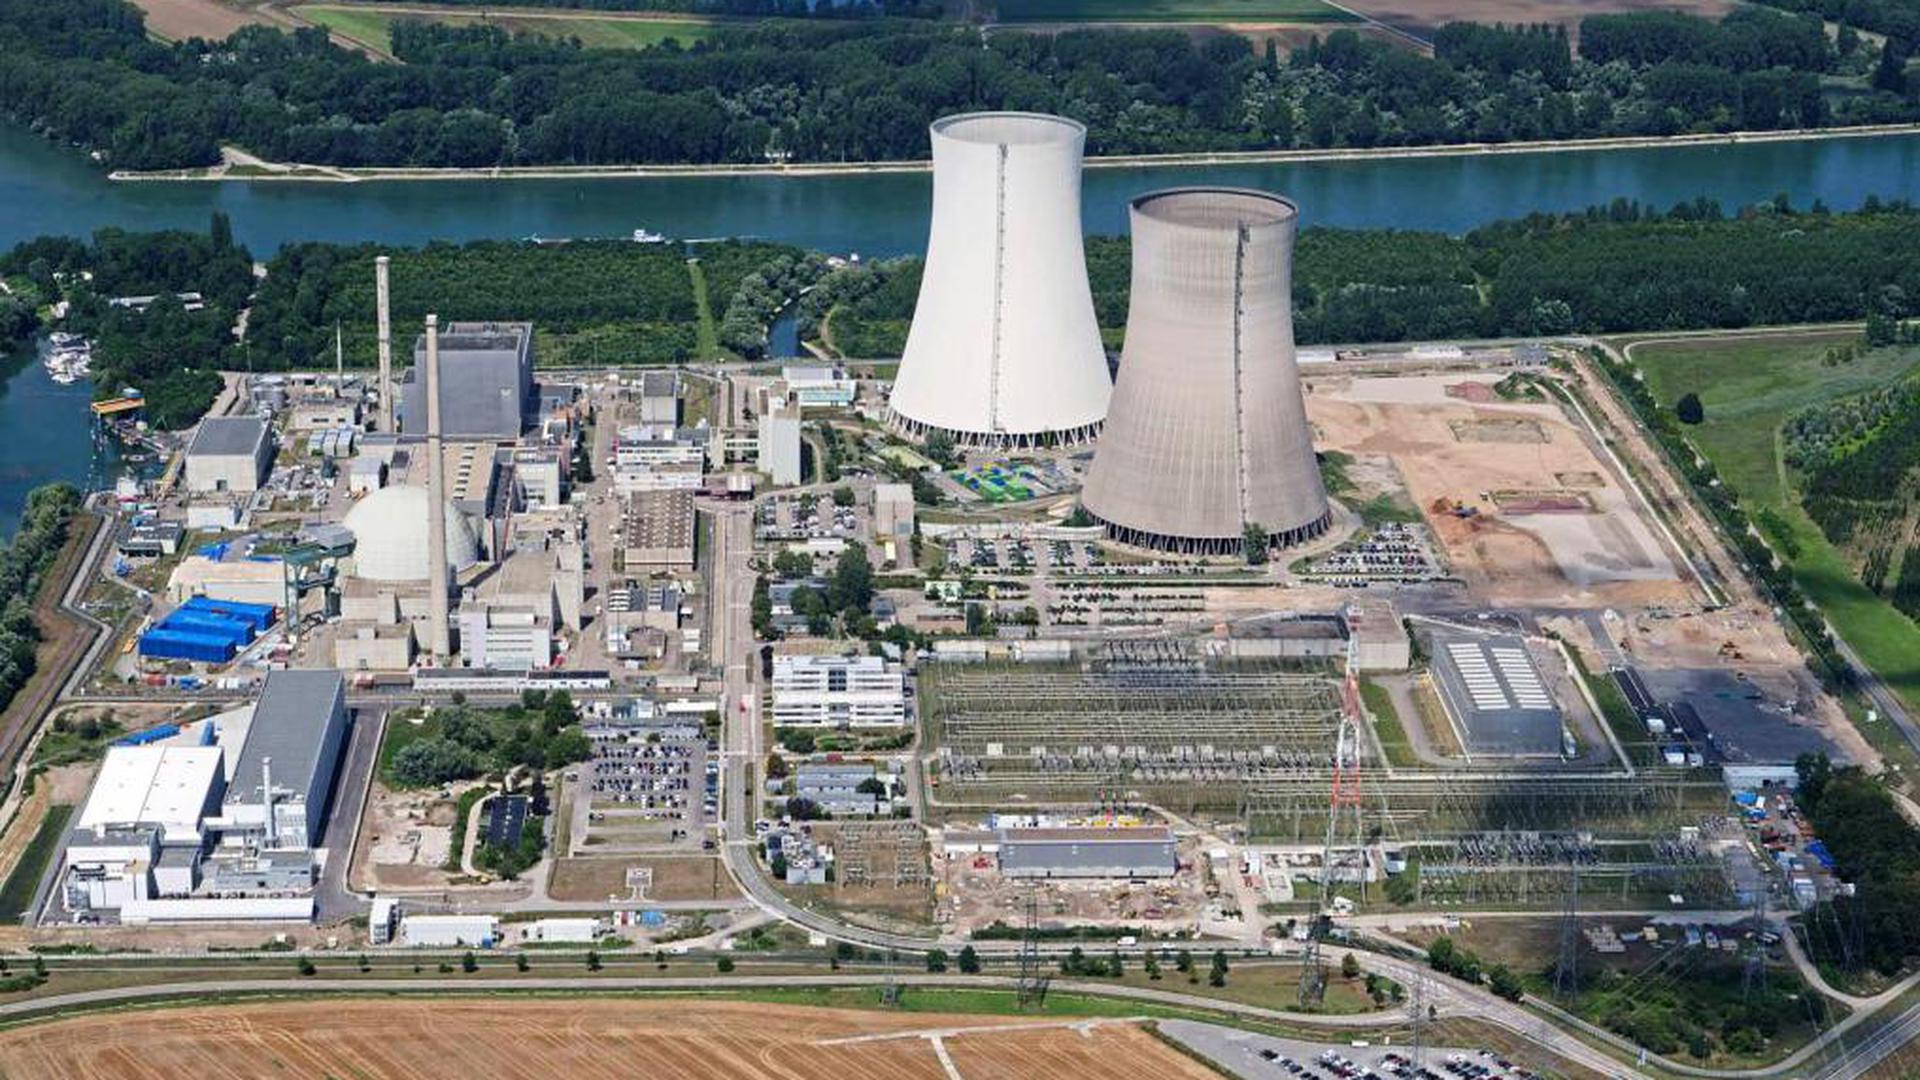 Im Wandel: Die Tage der Atomstromproduktion in Philippsburg sind gezählt. Im Vordergrund entsteht bereits der neue Konverter, die Türme sollen nächstes Jahr gesprengt werden.